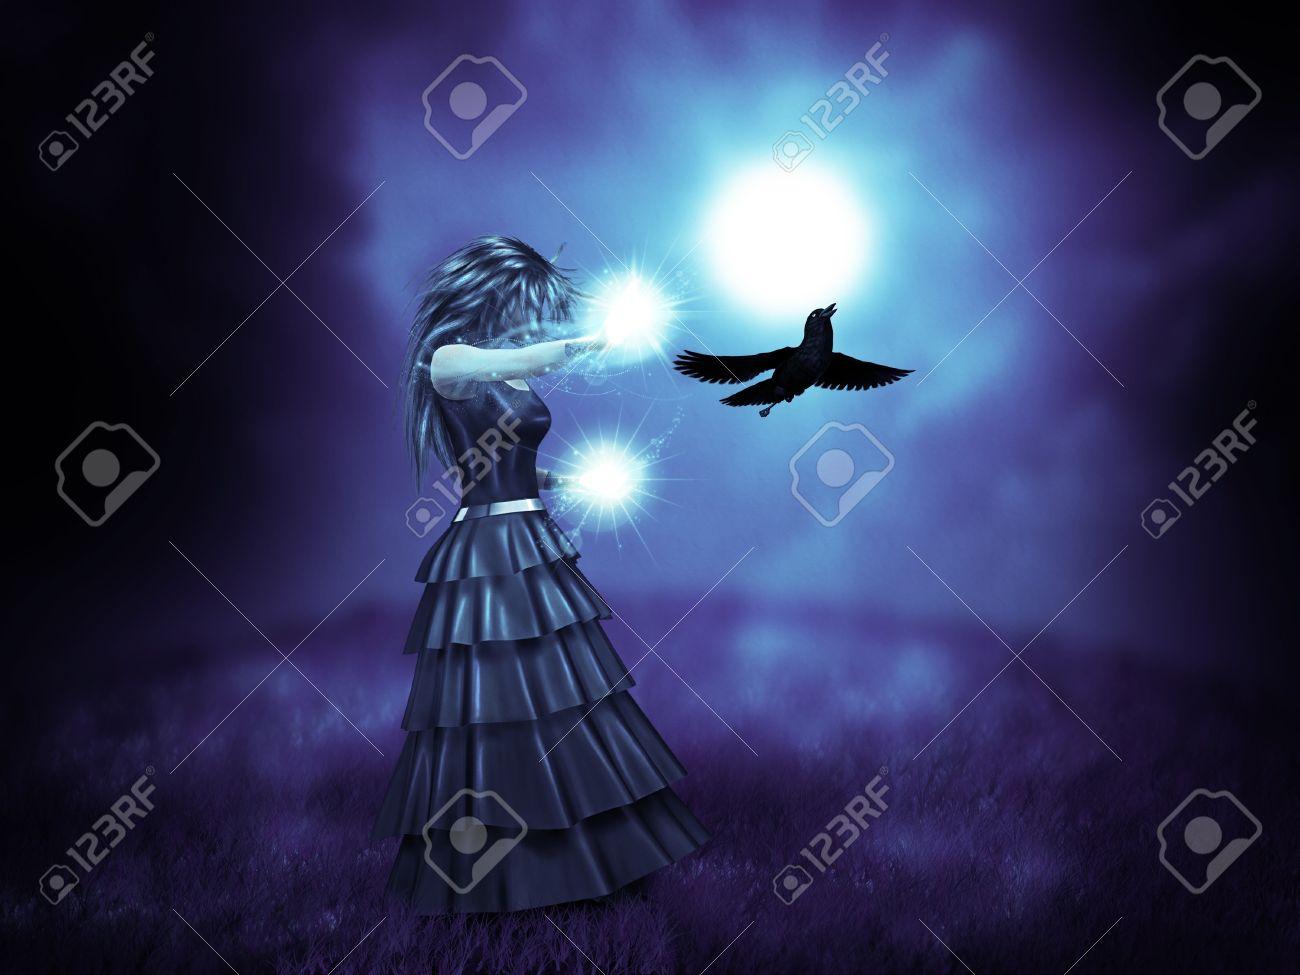 Ilustración Abstracta De La Mujer Vestida De Negro Y El Cuervo